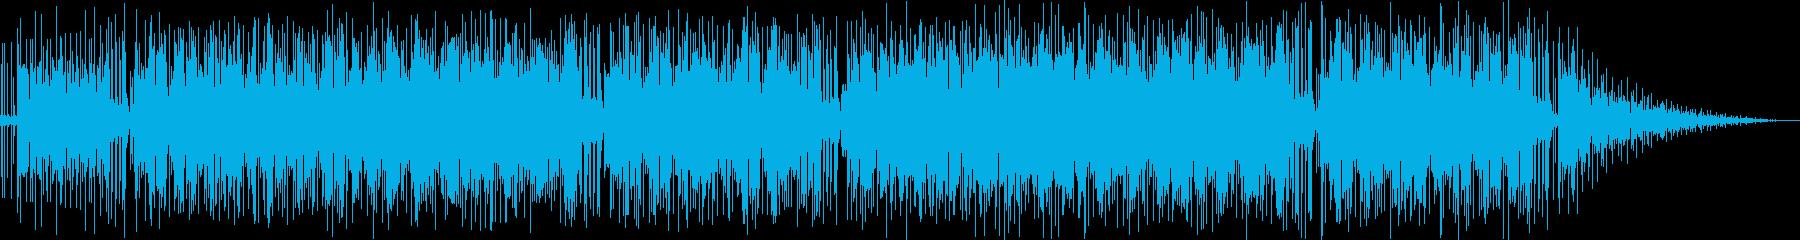 穏やかなオルガンなどのサウンドの再生済みの波形